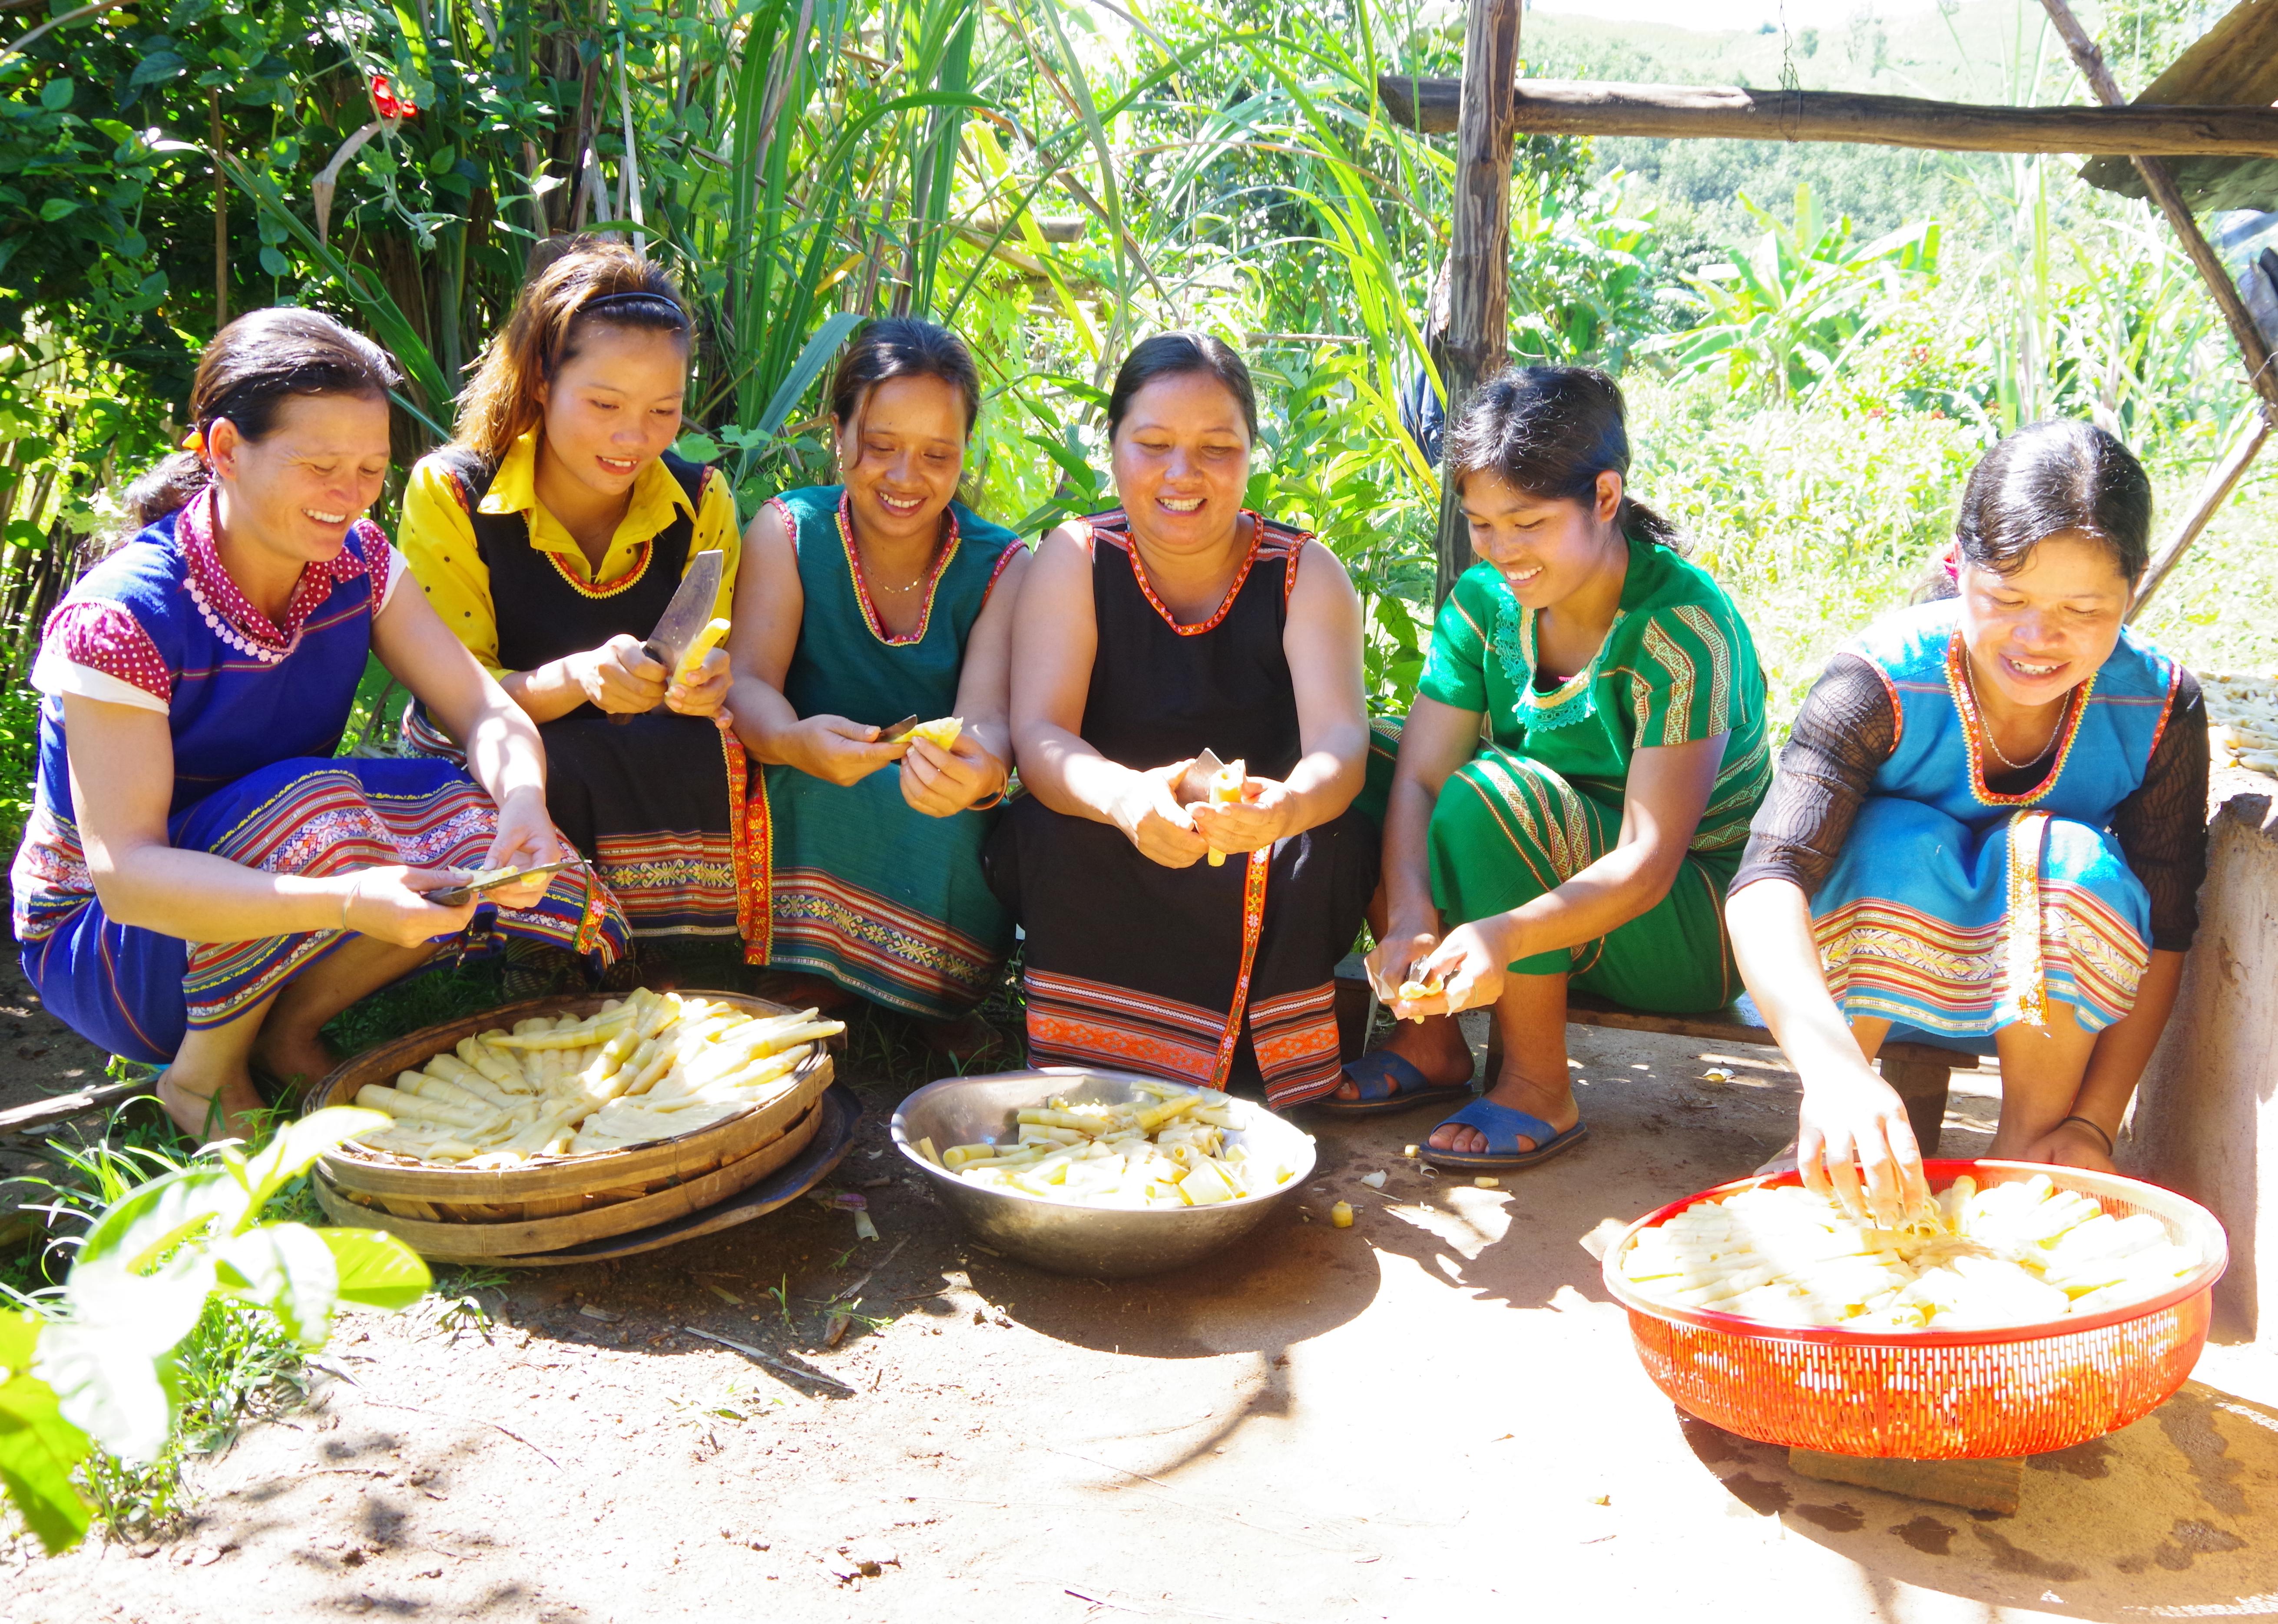 Sản phẩm măng khô từ mô hình lò sấy măng khô của Hội LHPN xã đã được chọn tham gia sản phẩm OCOP của tỉnh Kon Tum